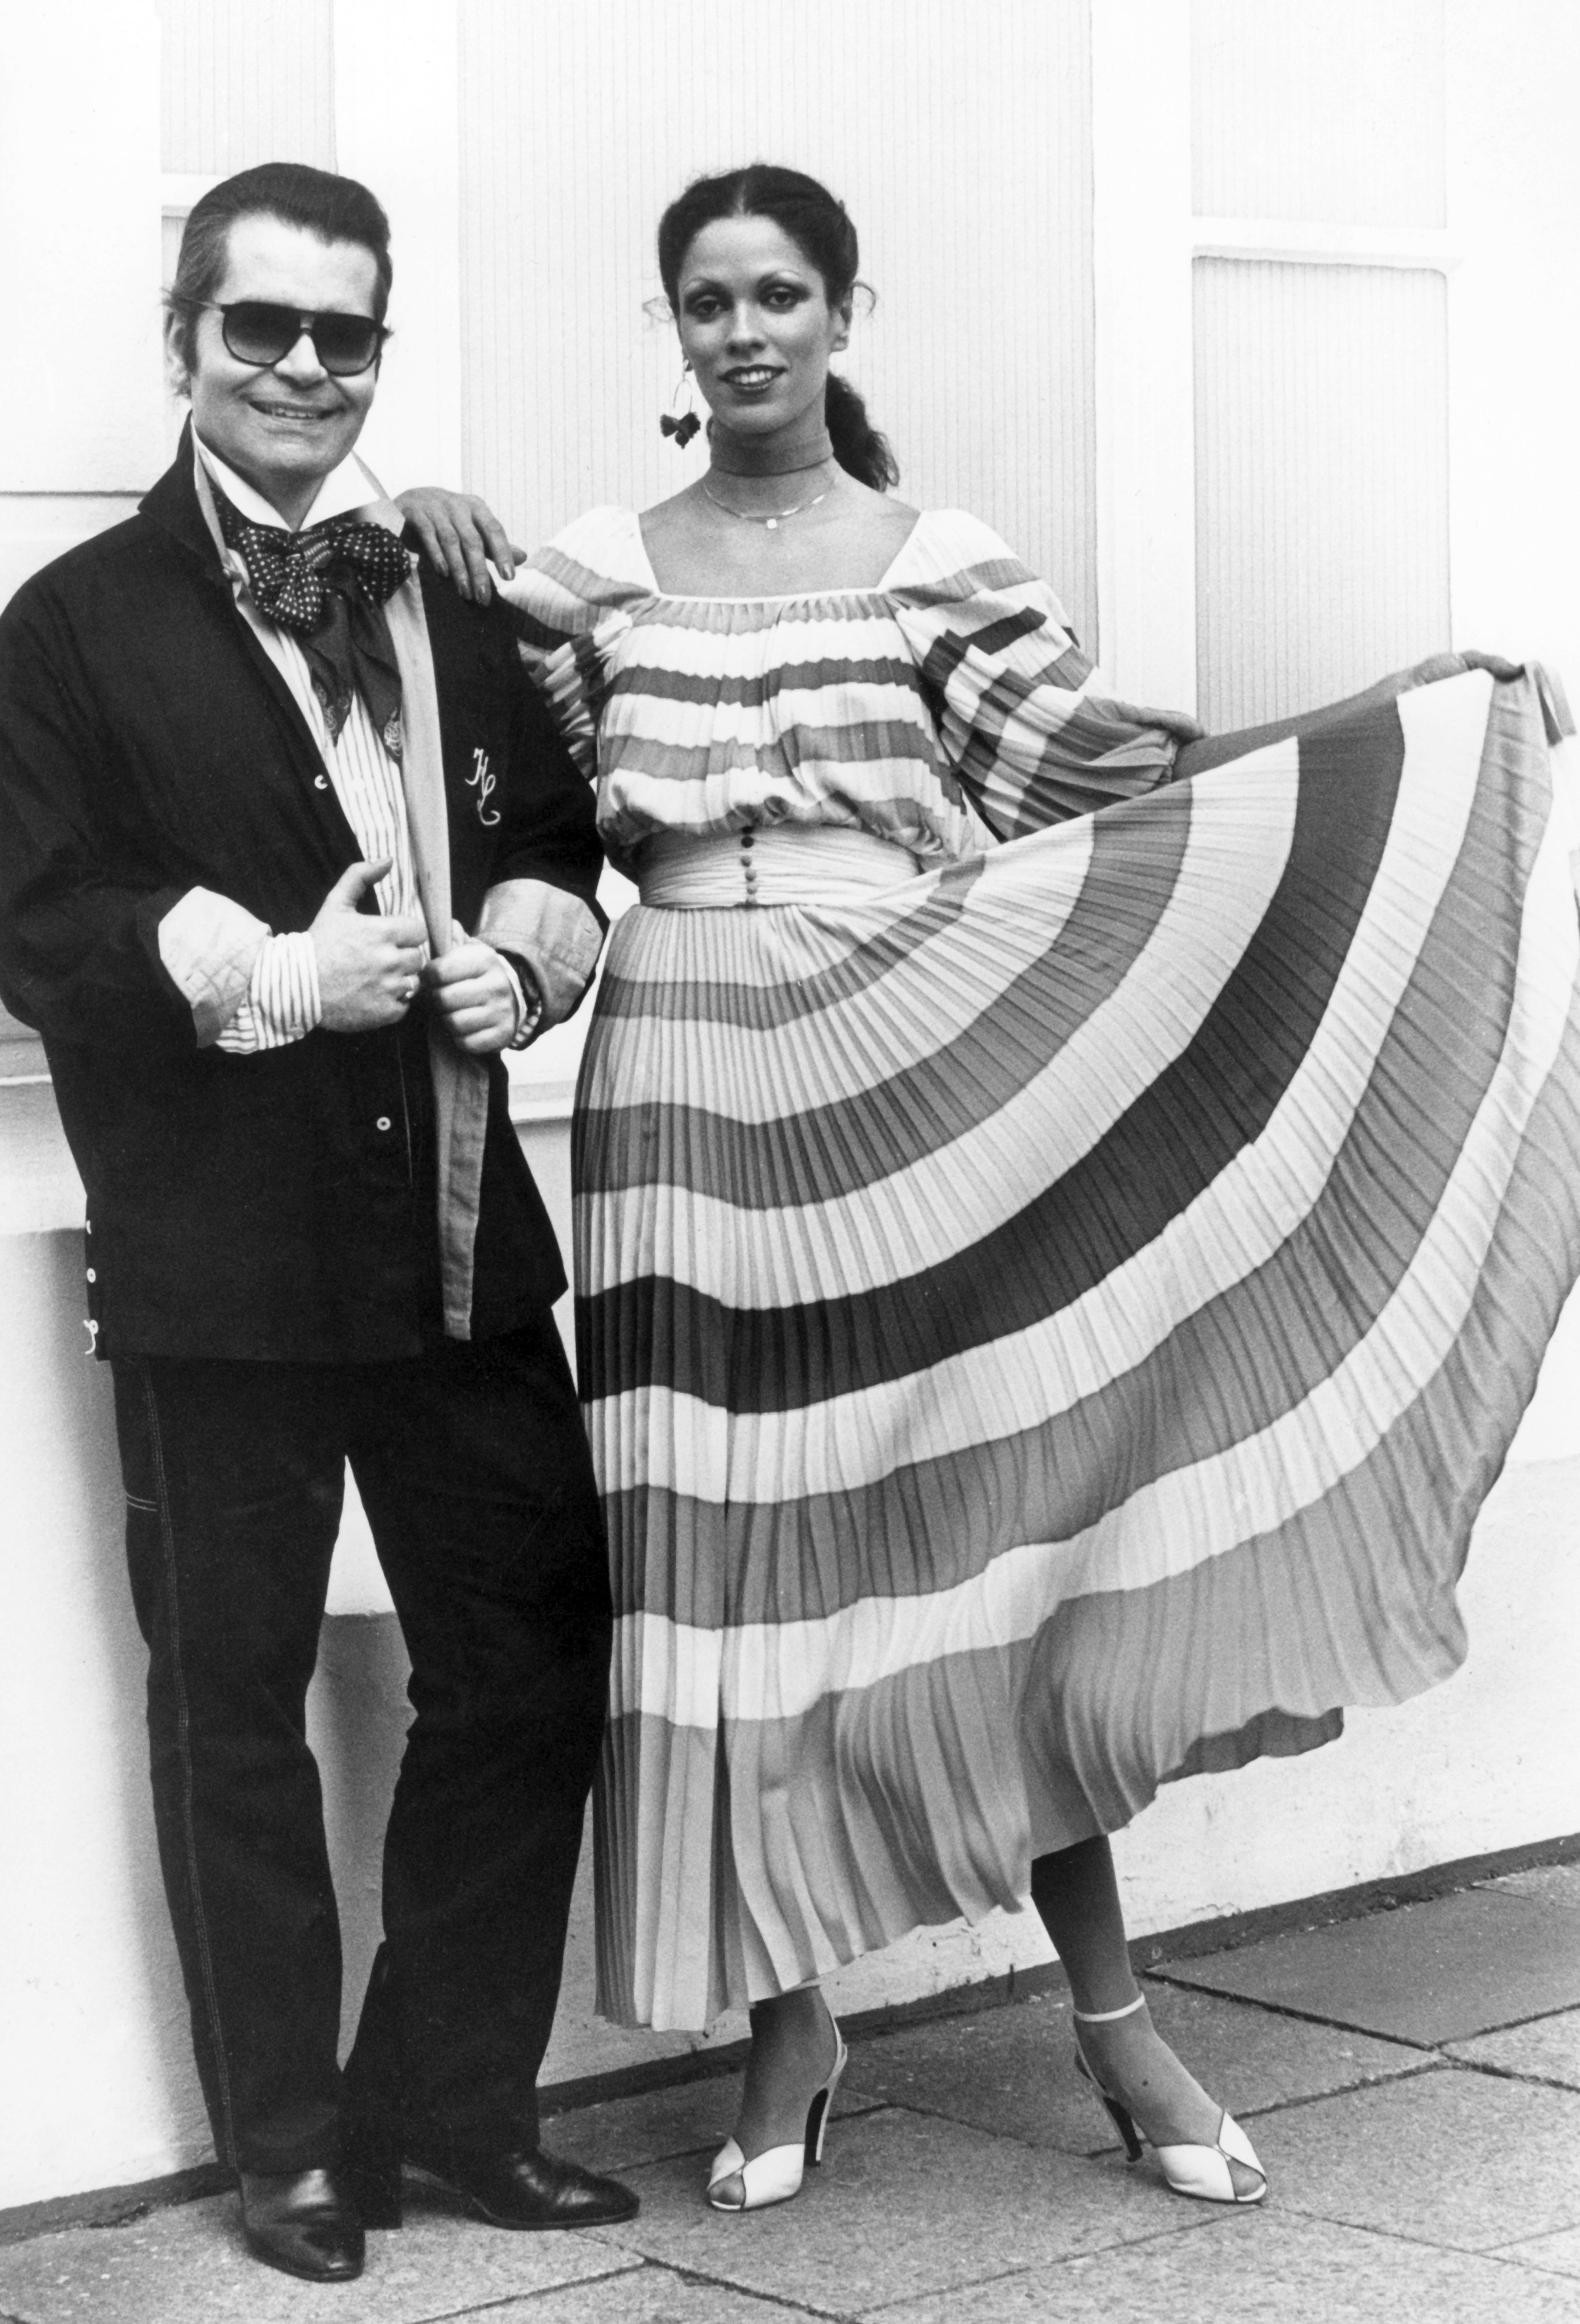 Las gafas y la cola de cabello fueron sellos distintivos de su estilo durante casi toda su carrera. Esta foto de archivo data del 2 de mayo de 1977, en su natal Alemania. (AP)